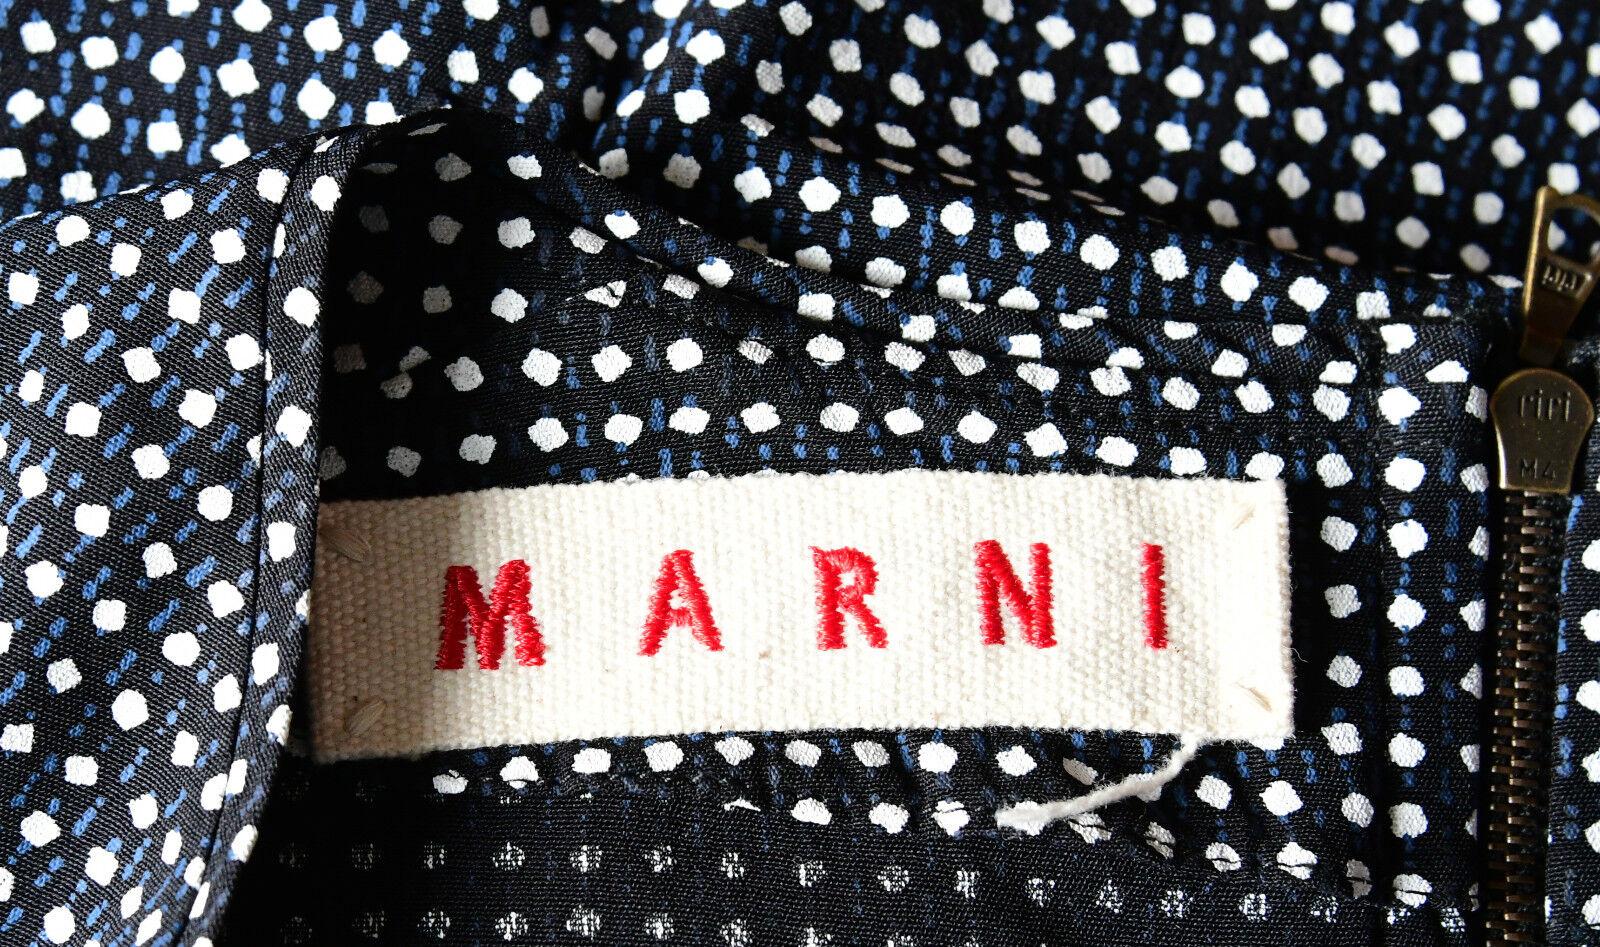 MARNI KLEID Gr DE 34 IT 40 ETUIKLEID DRESS DRESS DRESS DAMEN SCHWARZ WEISS BLAU 100% VISKOSE 289015